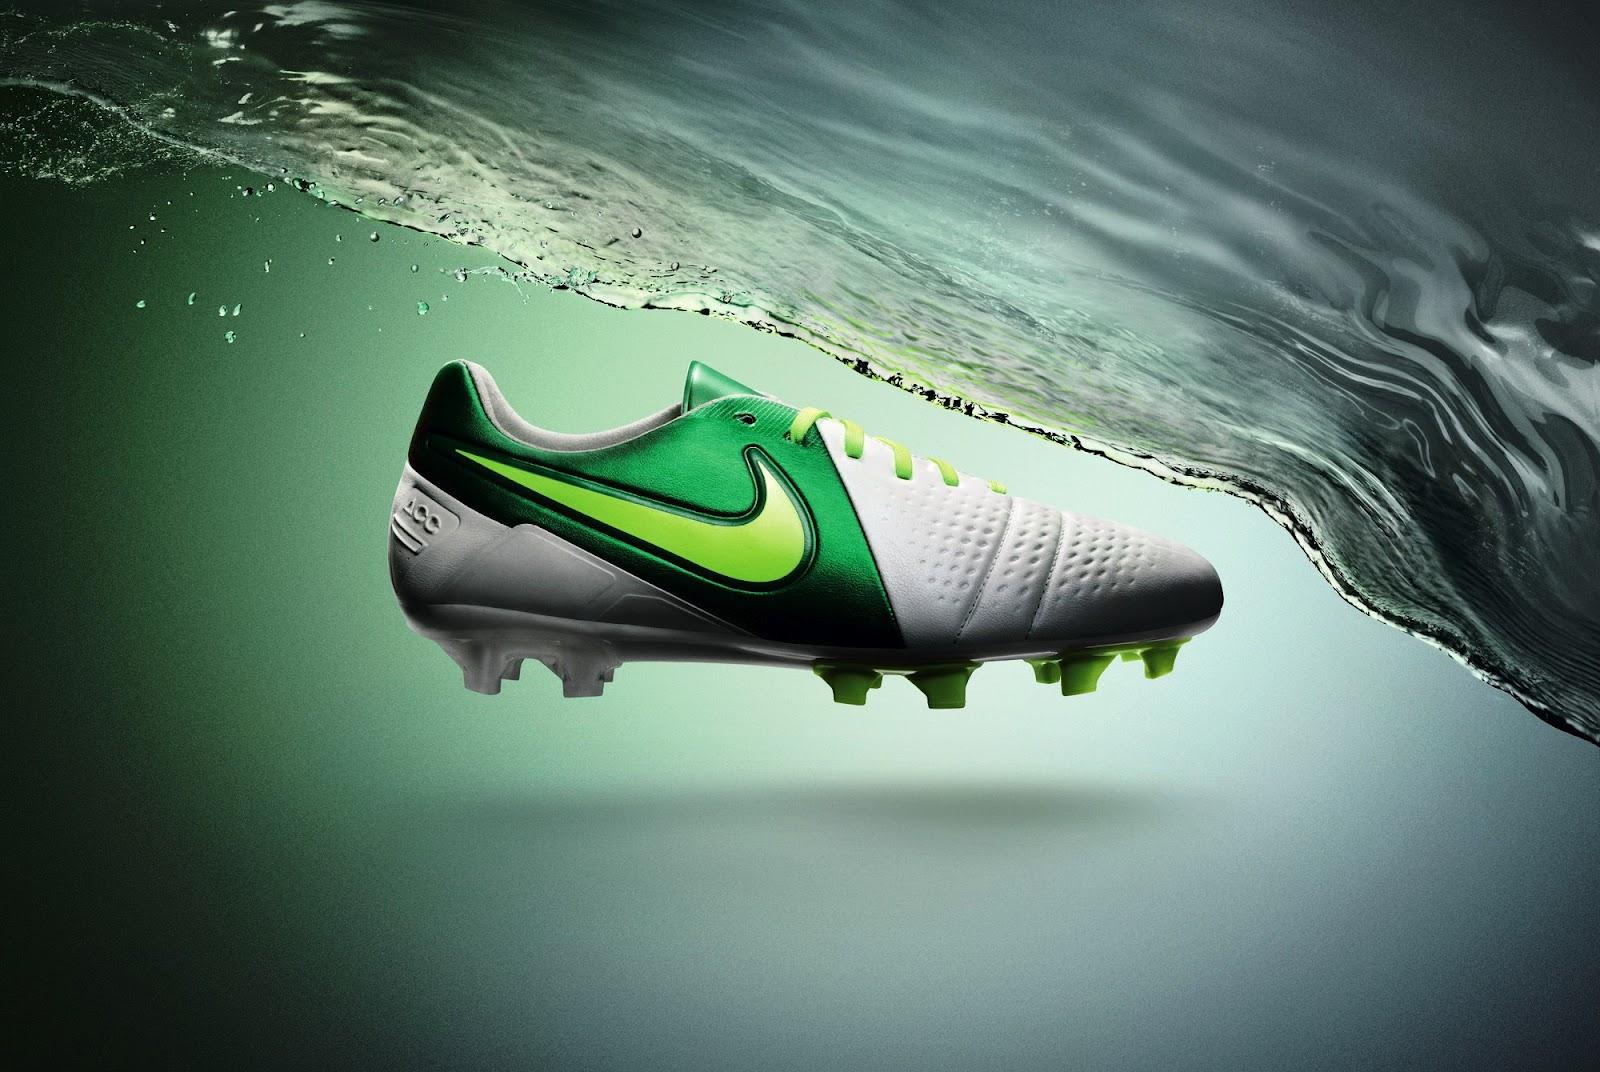 602bf50d Можно уверенно говорить о том, что Nike CTR360 оснащены по первому слову  техники, если это применительно к футбольной обуви. Верхняя часть  изготовлена из ...